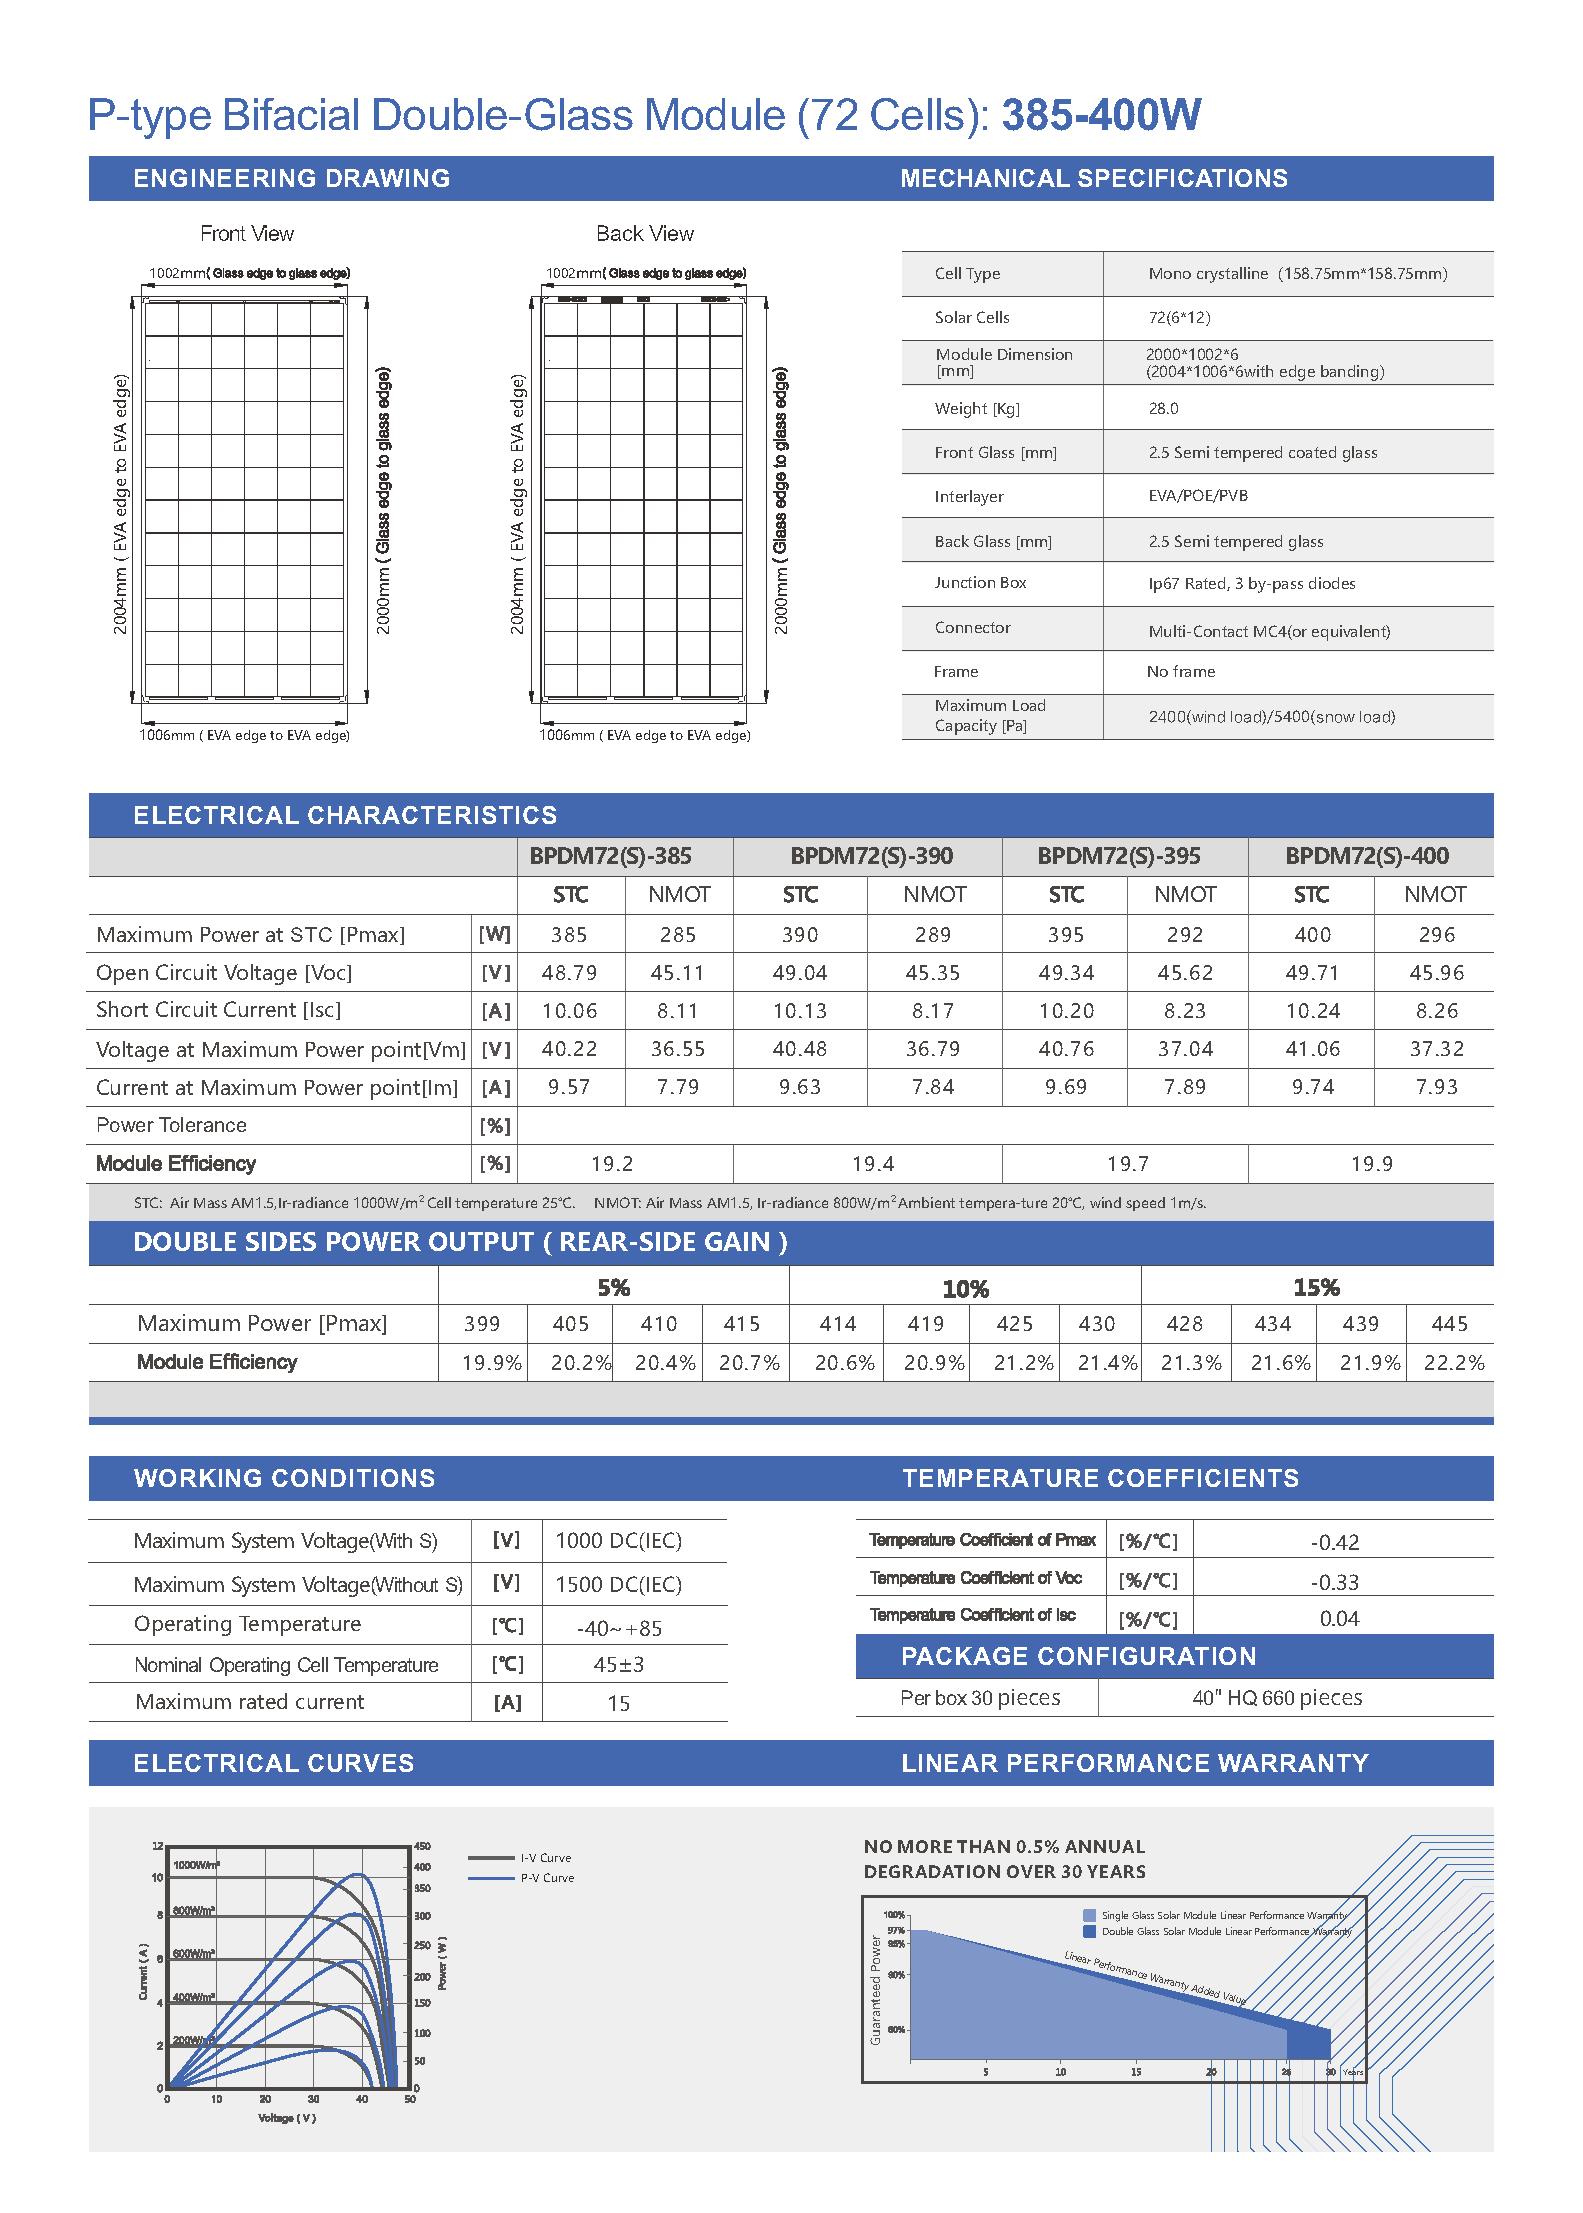 BPDM72-385-400 P-type Mono Bifacial 158mm 9BB